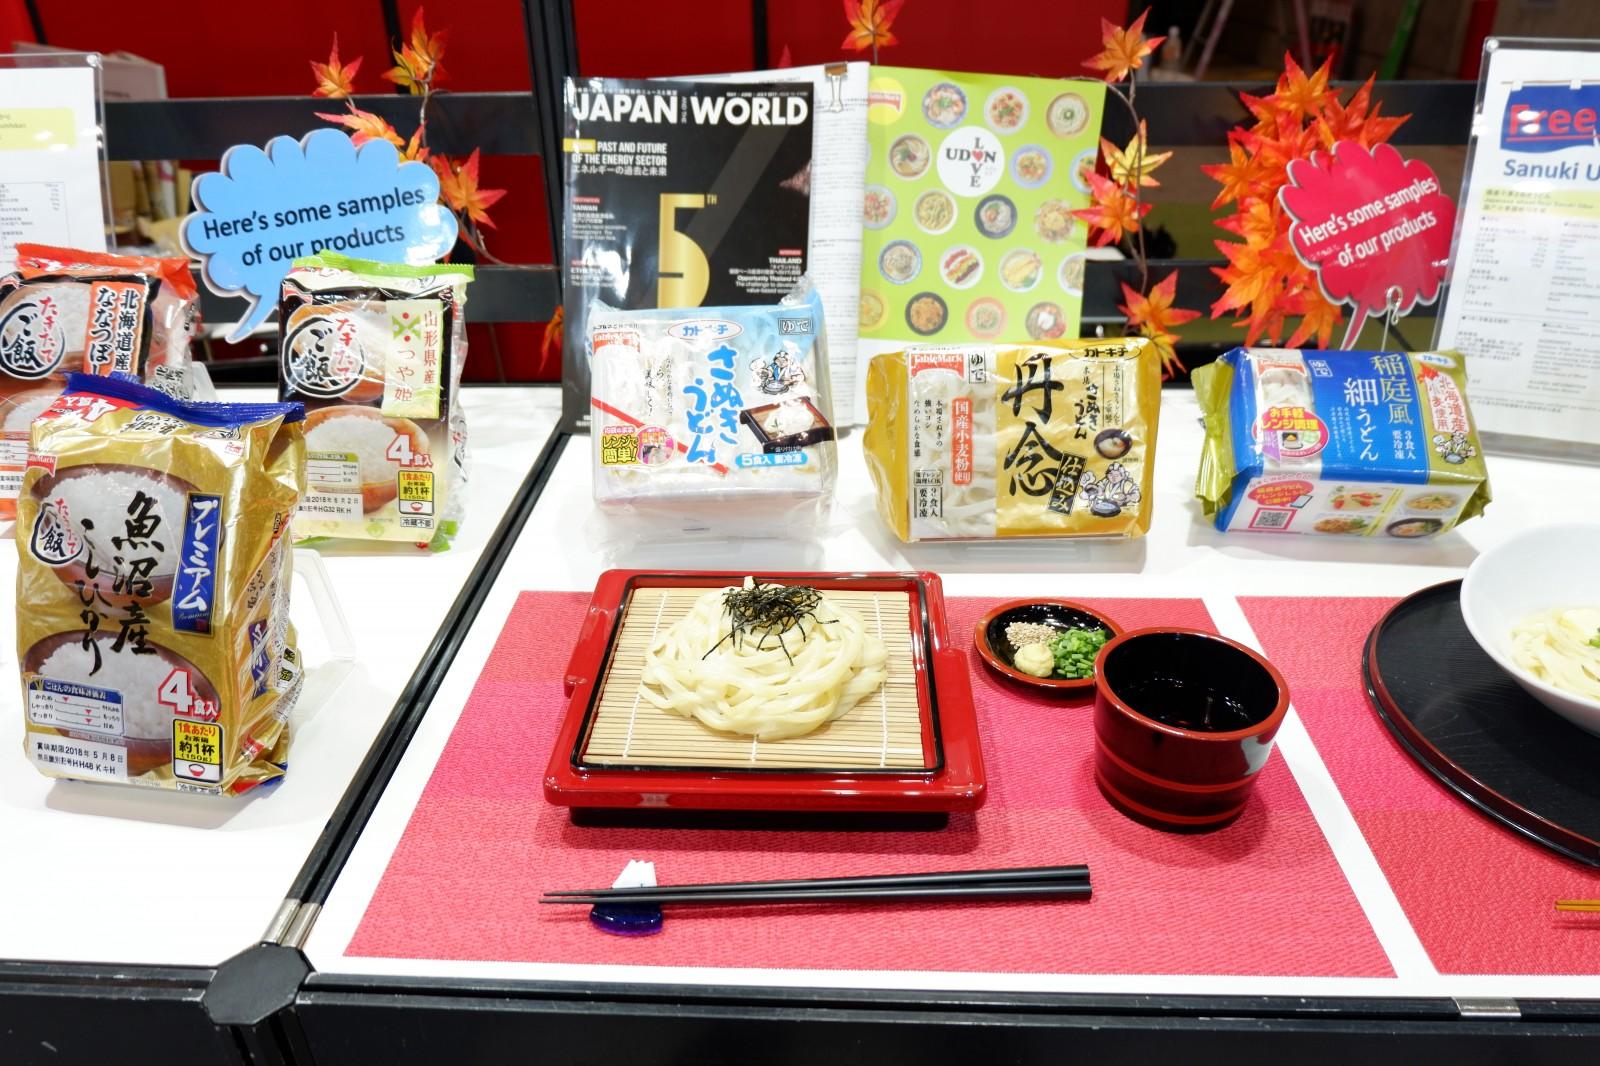 冷凍食品も世界が市場、うどん、焼きおにぎり、たこ焼、ピザ、世界の料理にHamamatsu Gyoza!、、、、